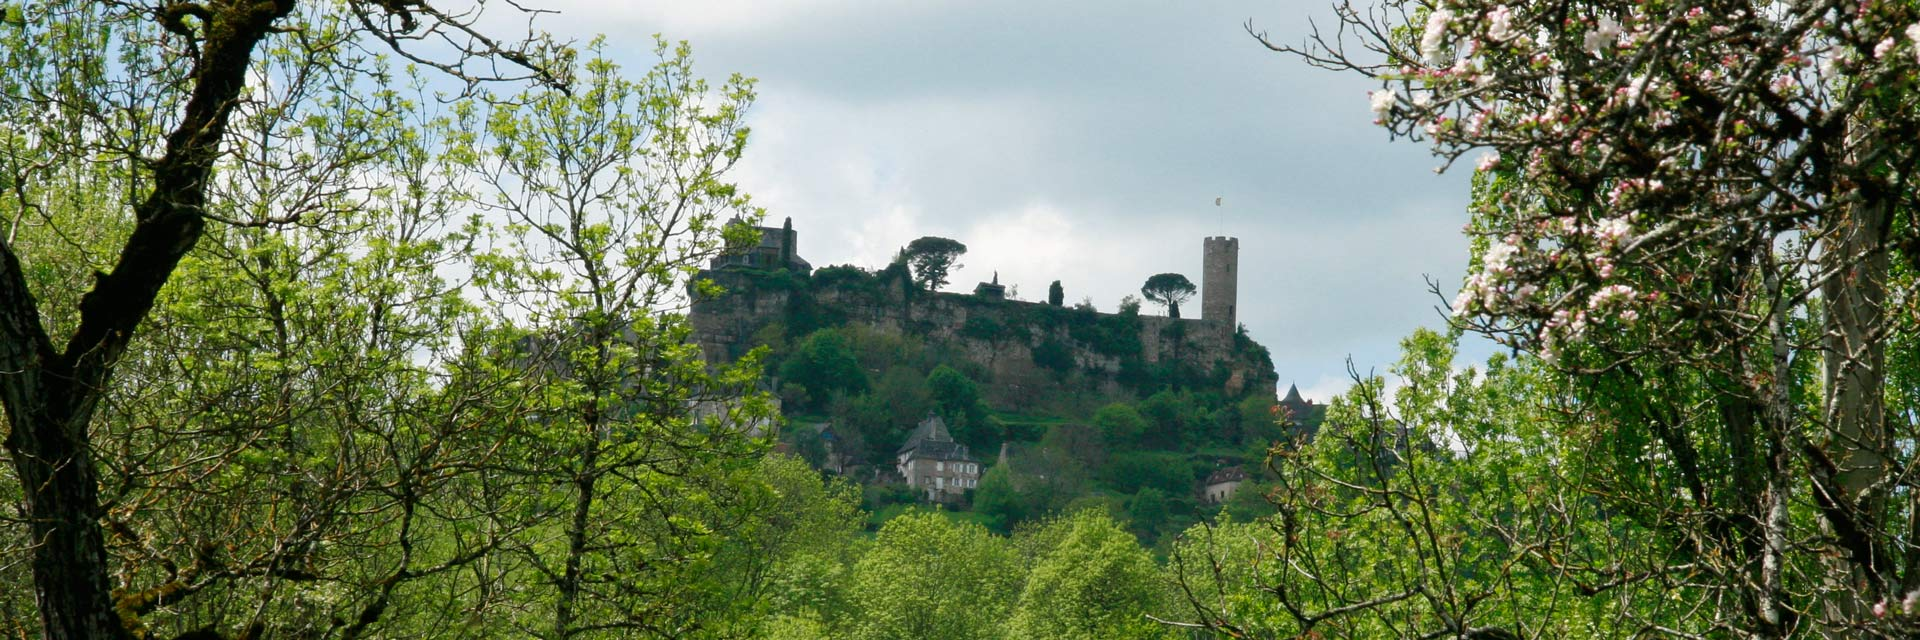 Het dorp Turenne in Frankrijk